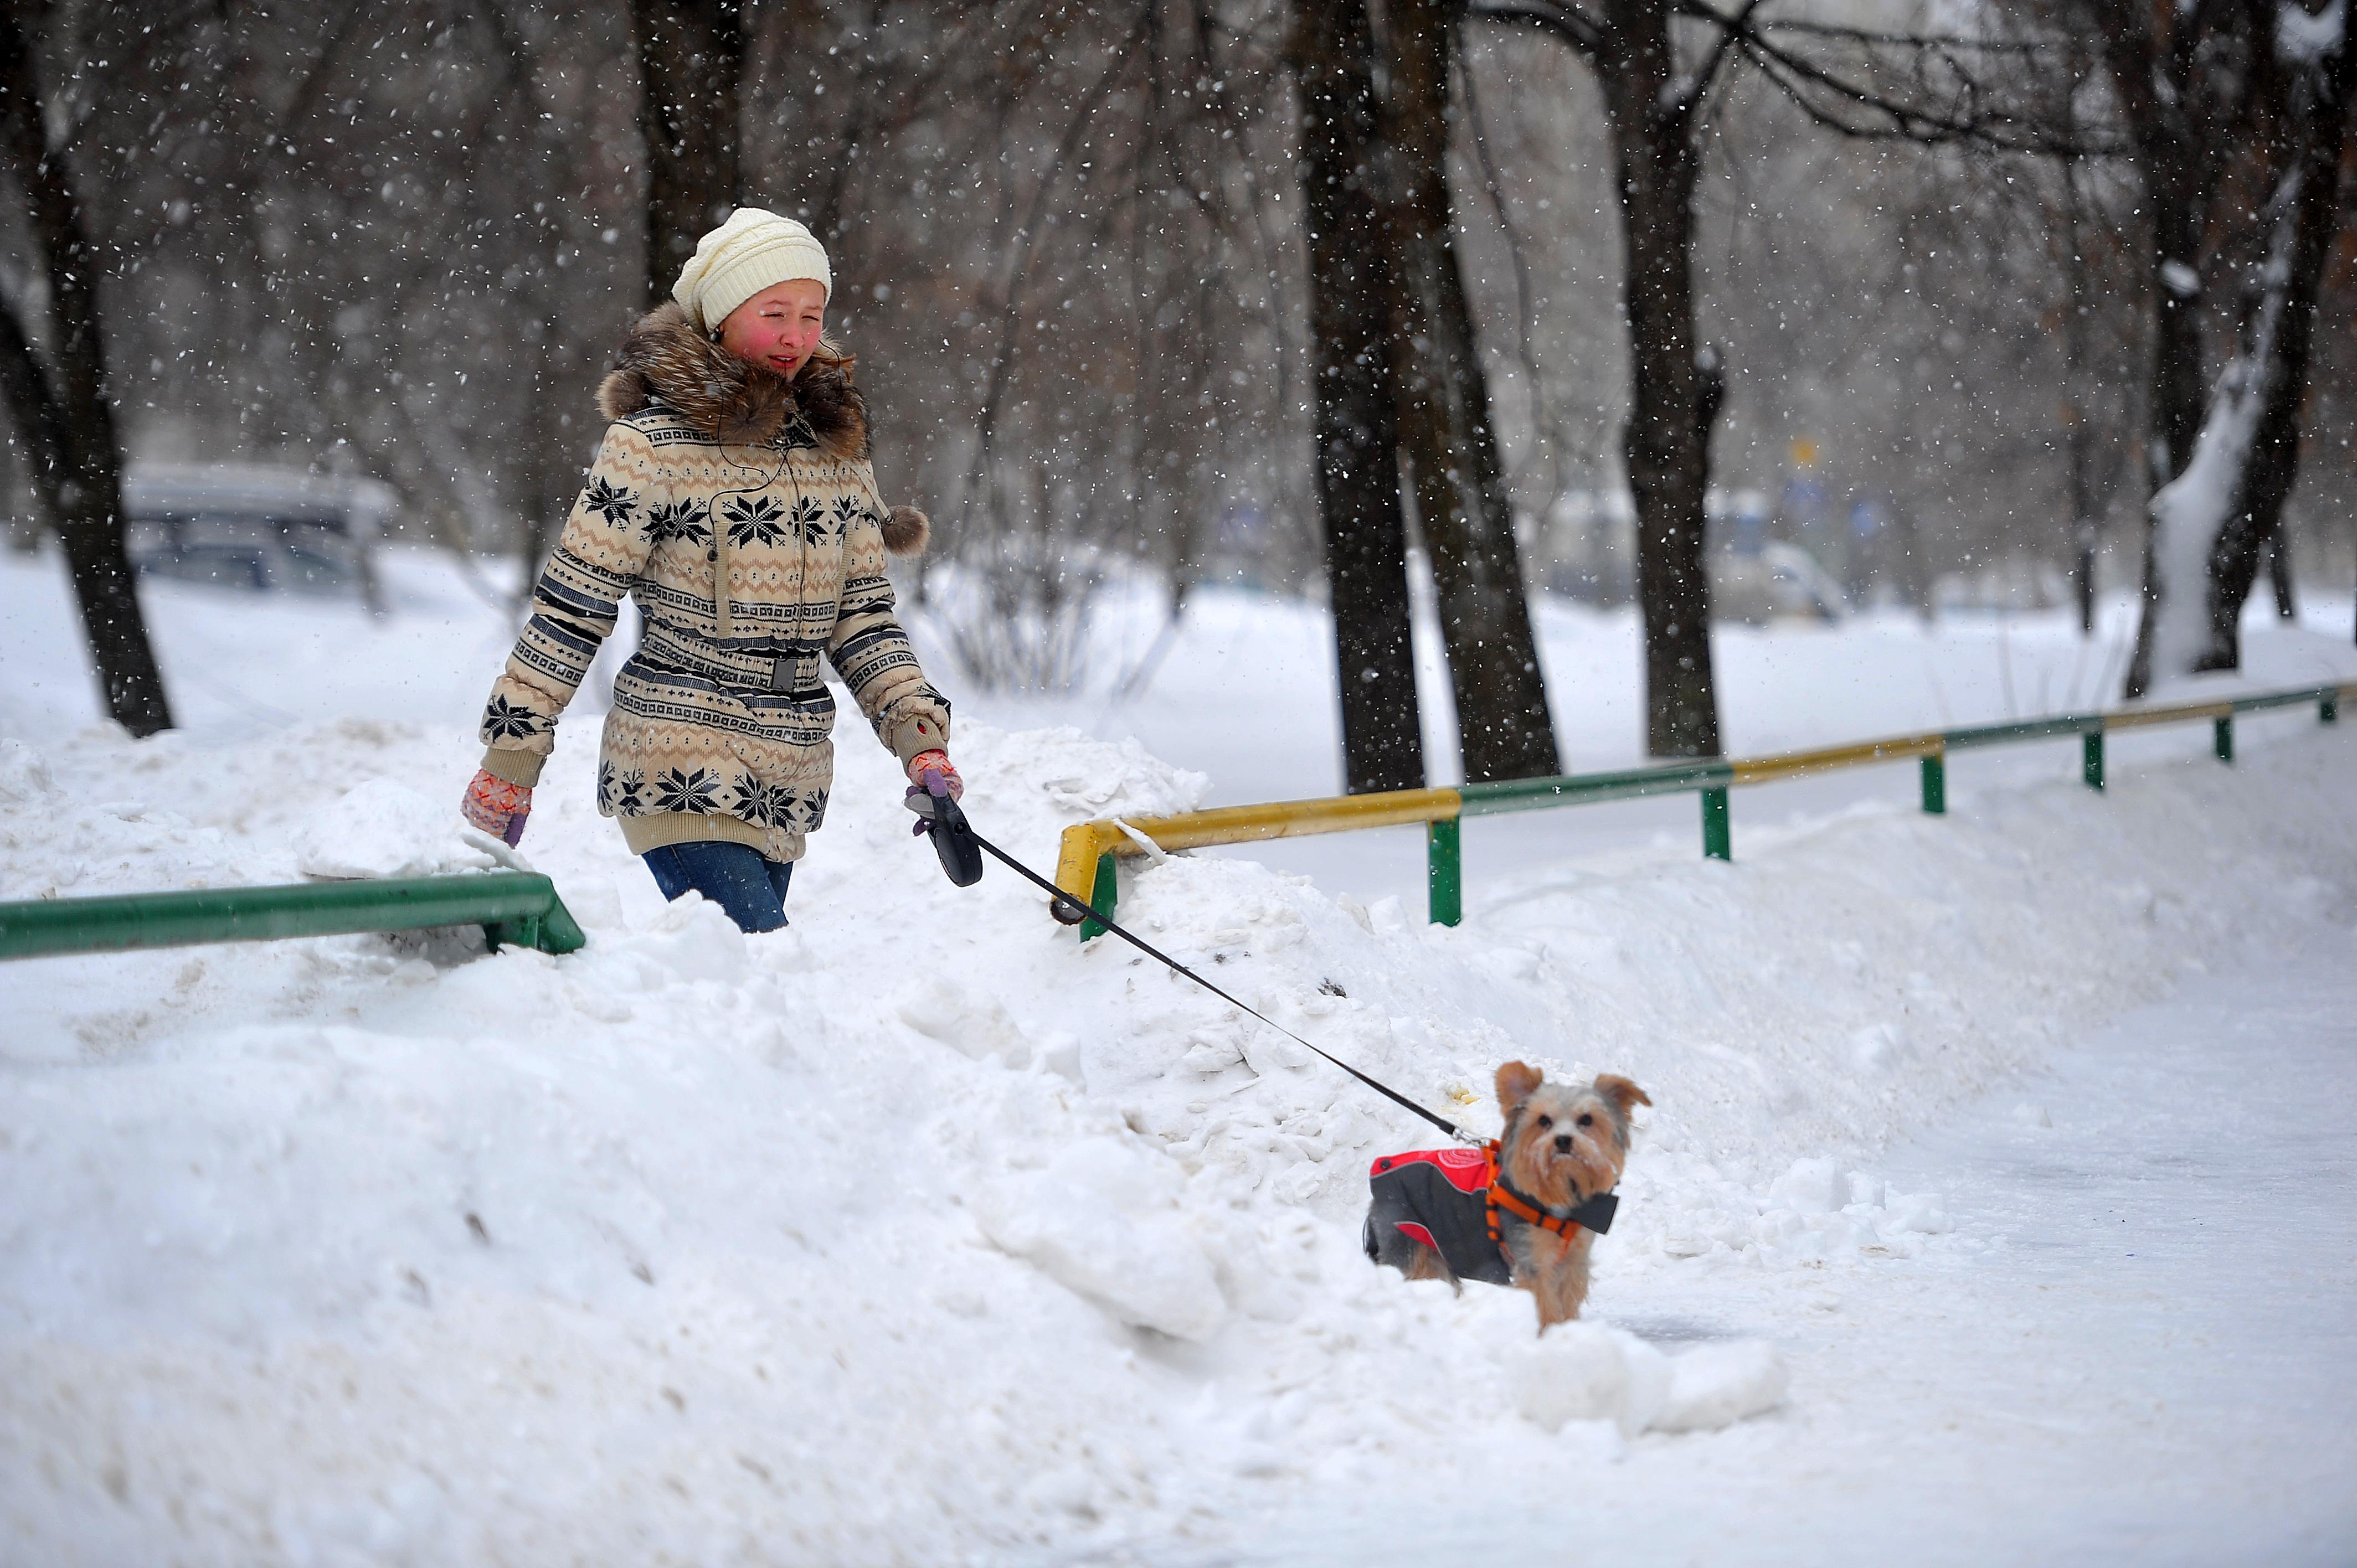 Отсутствие заморозков может привести к разгулу эпидемии гриппа и ОРВИ.